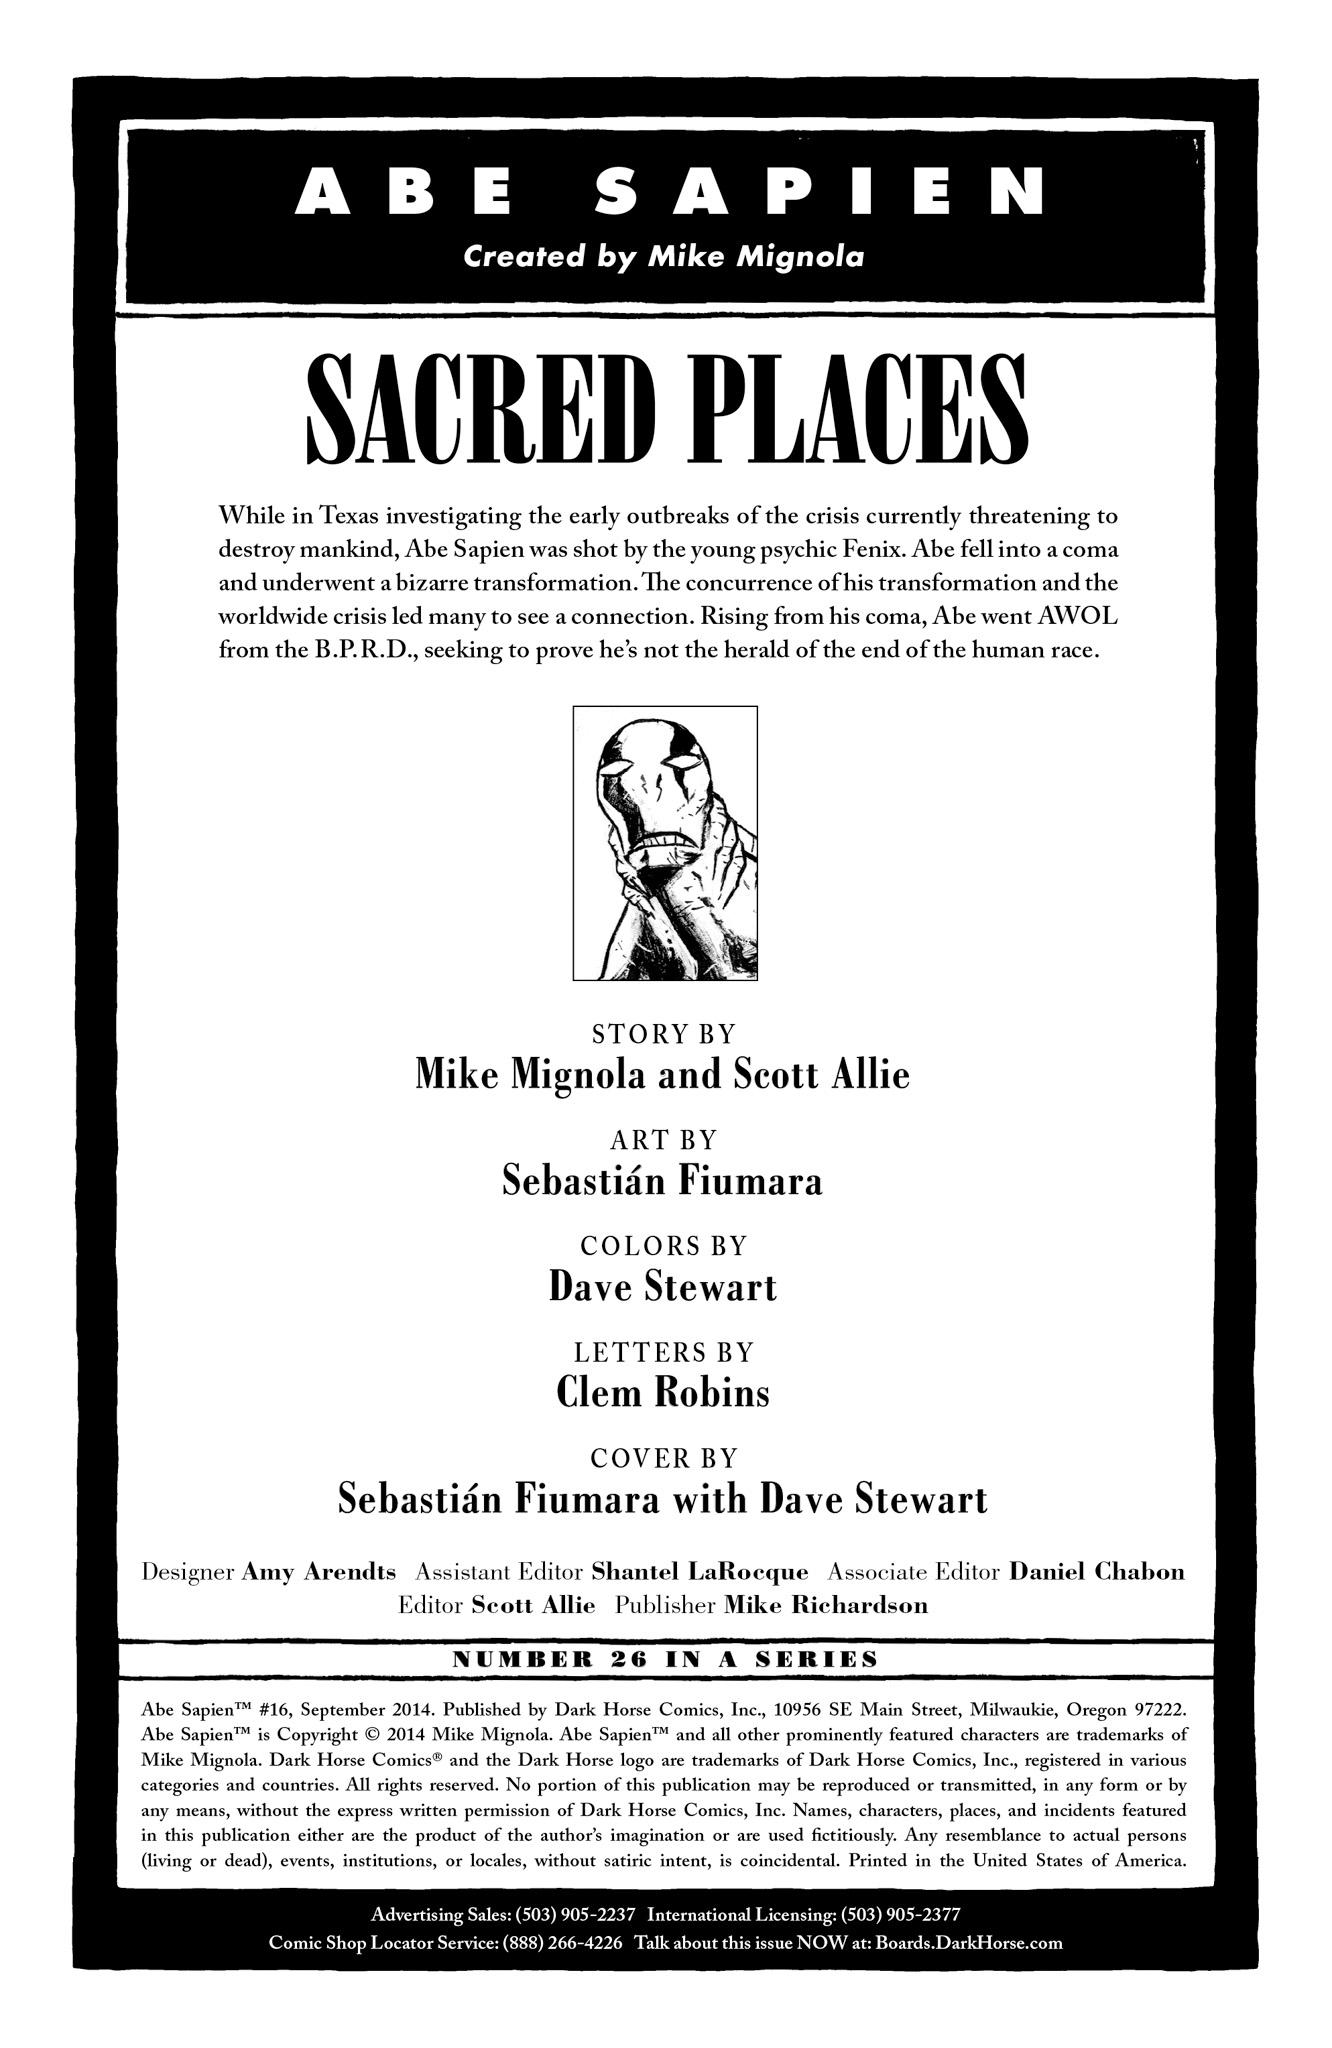 Read online Abe Sapien comic -  Issue #16 - 2